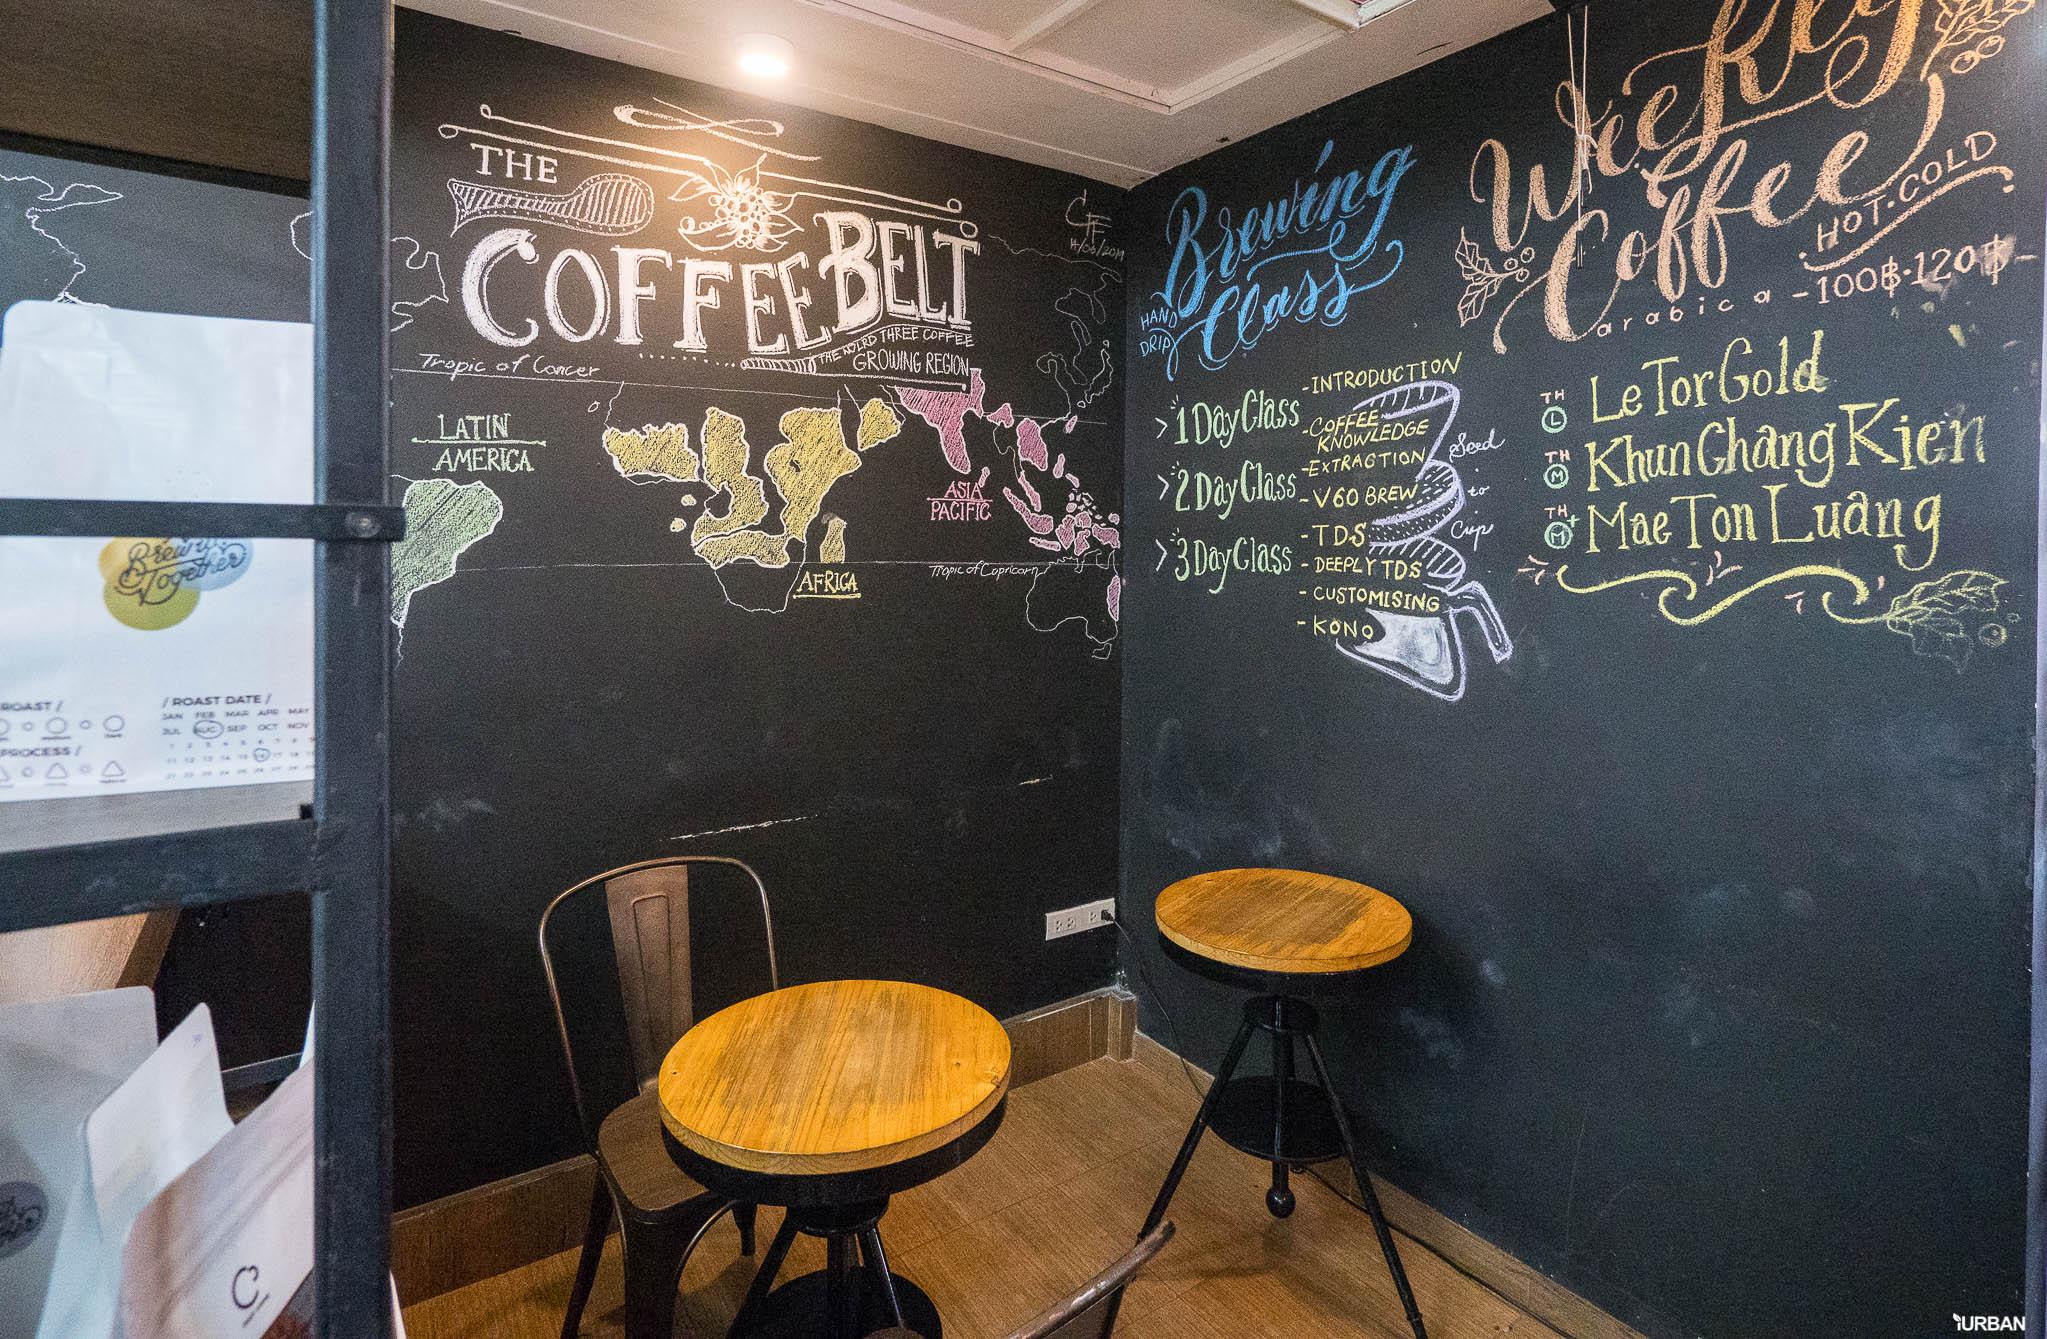 8 คาเฟ่ จตุจักร และร้านกาแฟที่ Unique ดีมีสไตล์น่าสนใจ เหมาะกับไลฟ์สไตล์วันชิลๆ 50 - Premium